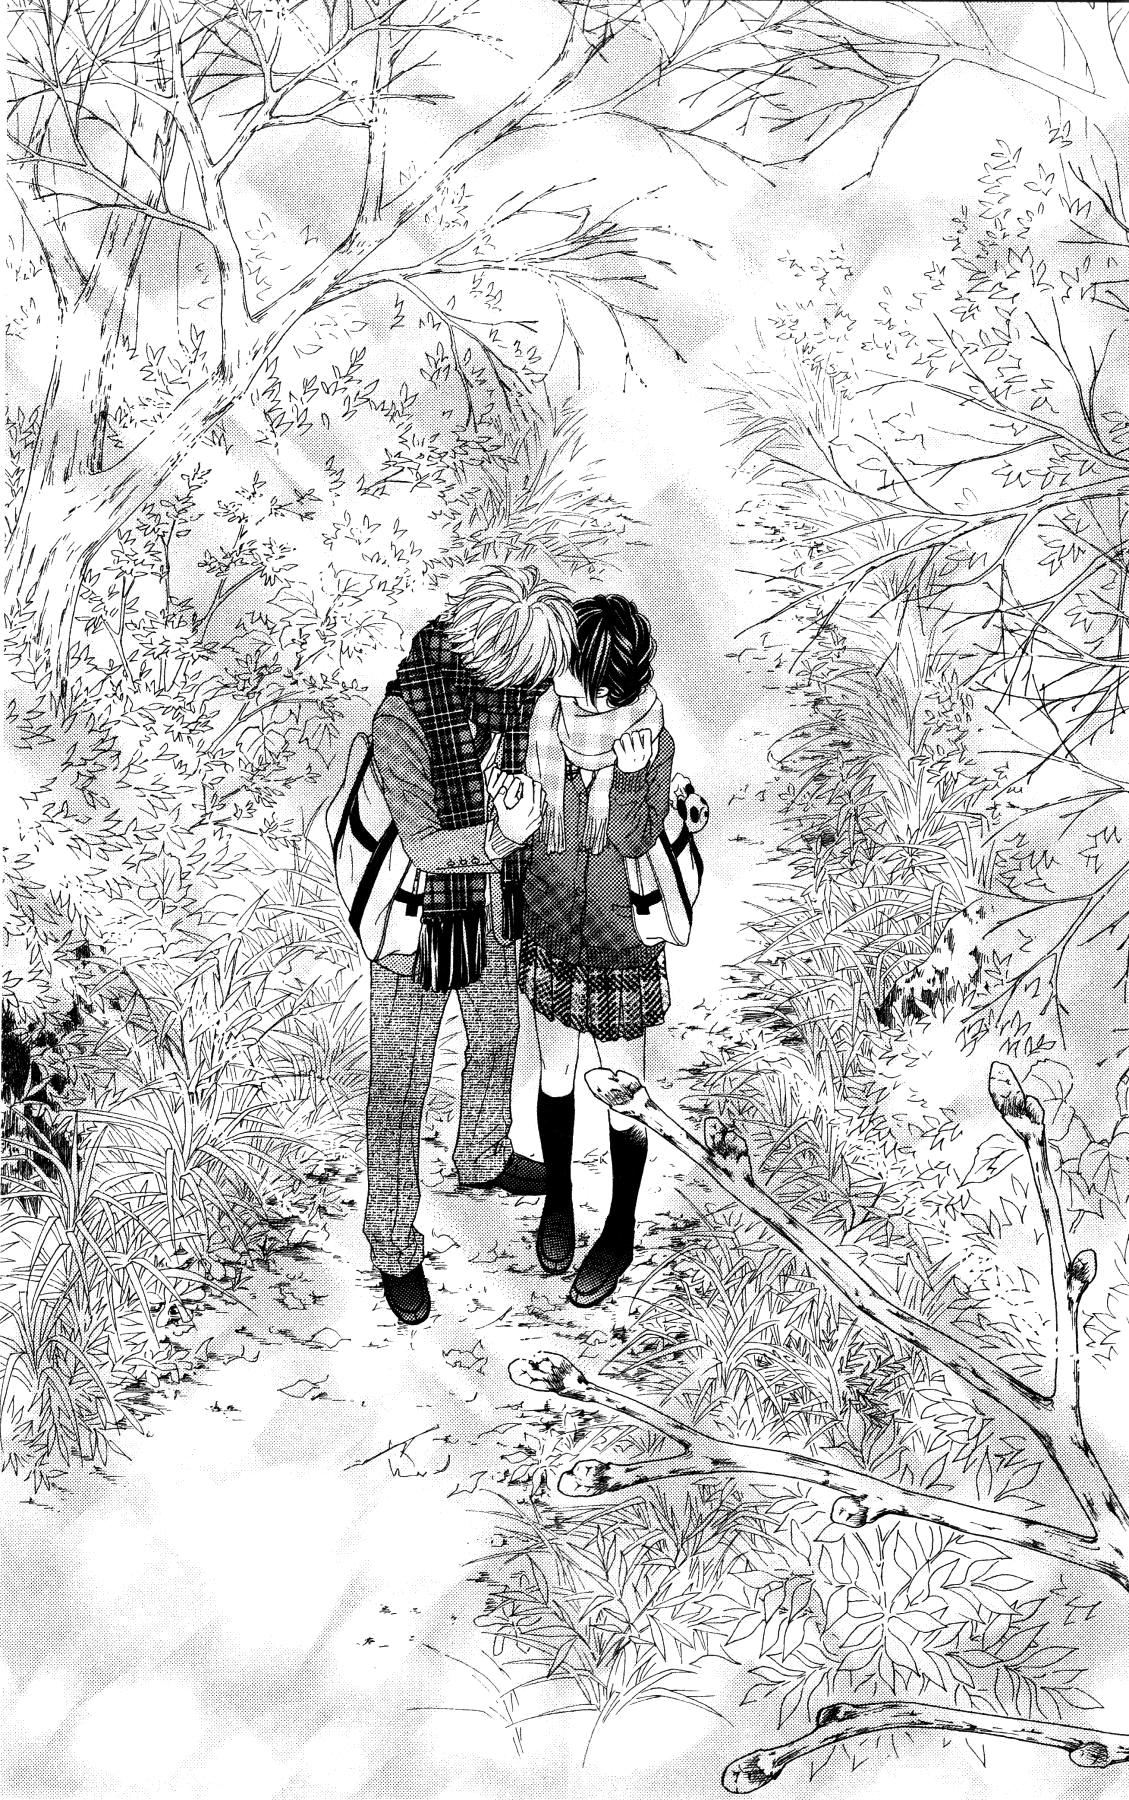 https://r1.ninemanga.com/comics/pic2/21/21205/415883/1532120712390.png Page 3